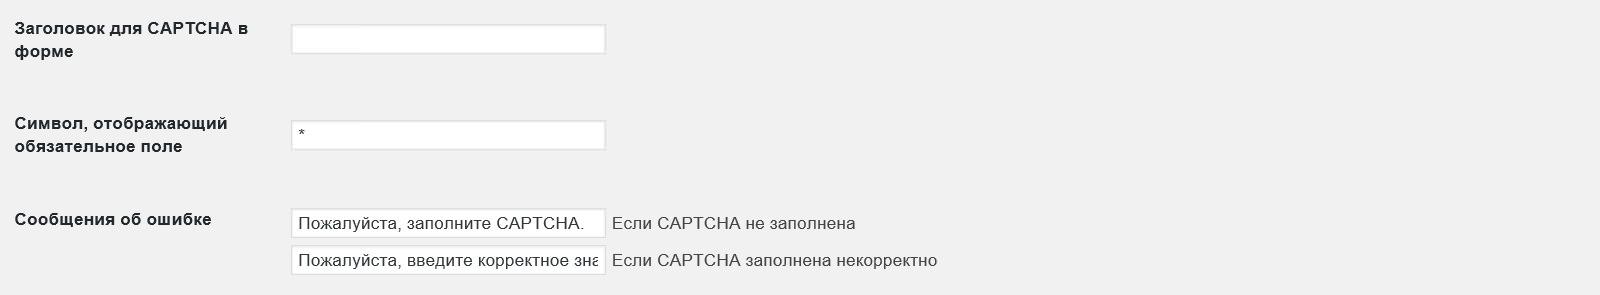 Captcha by BestWebSoft — простой и удобный плагин для защиты регистрации от ботов